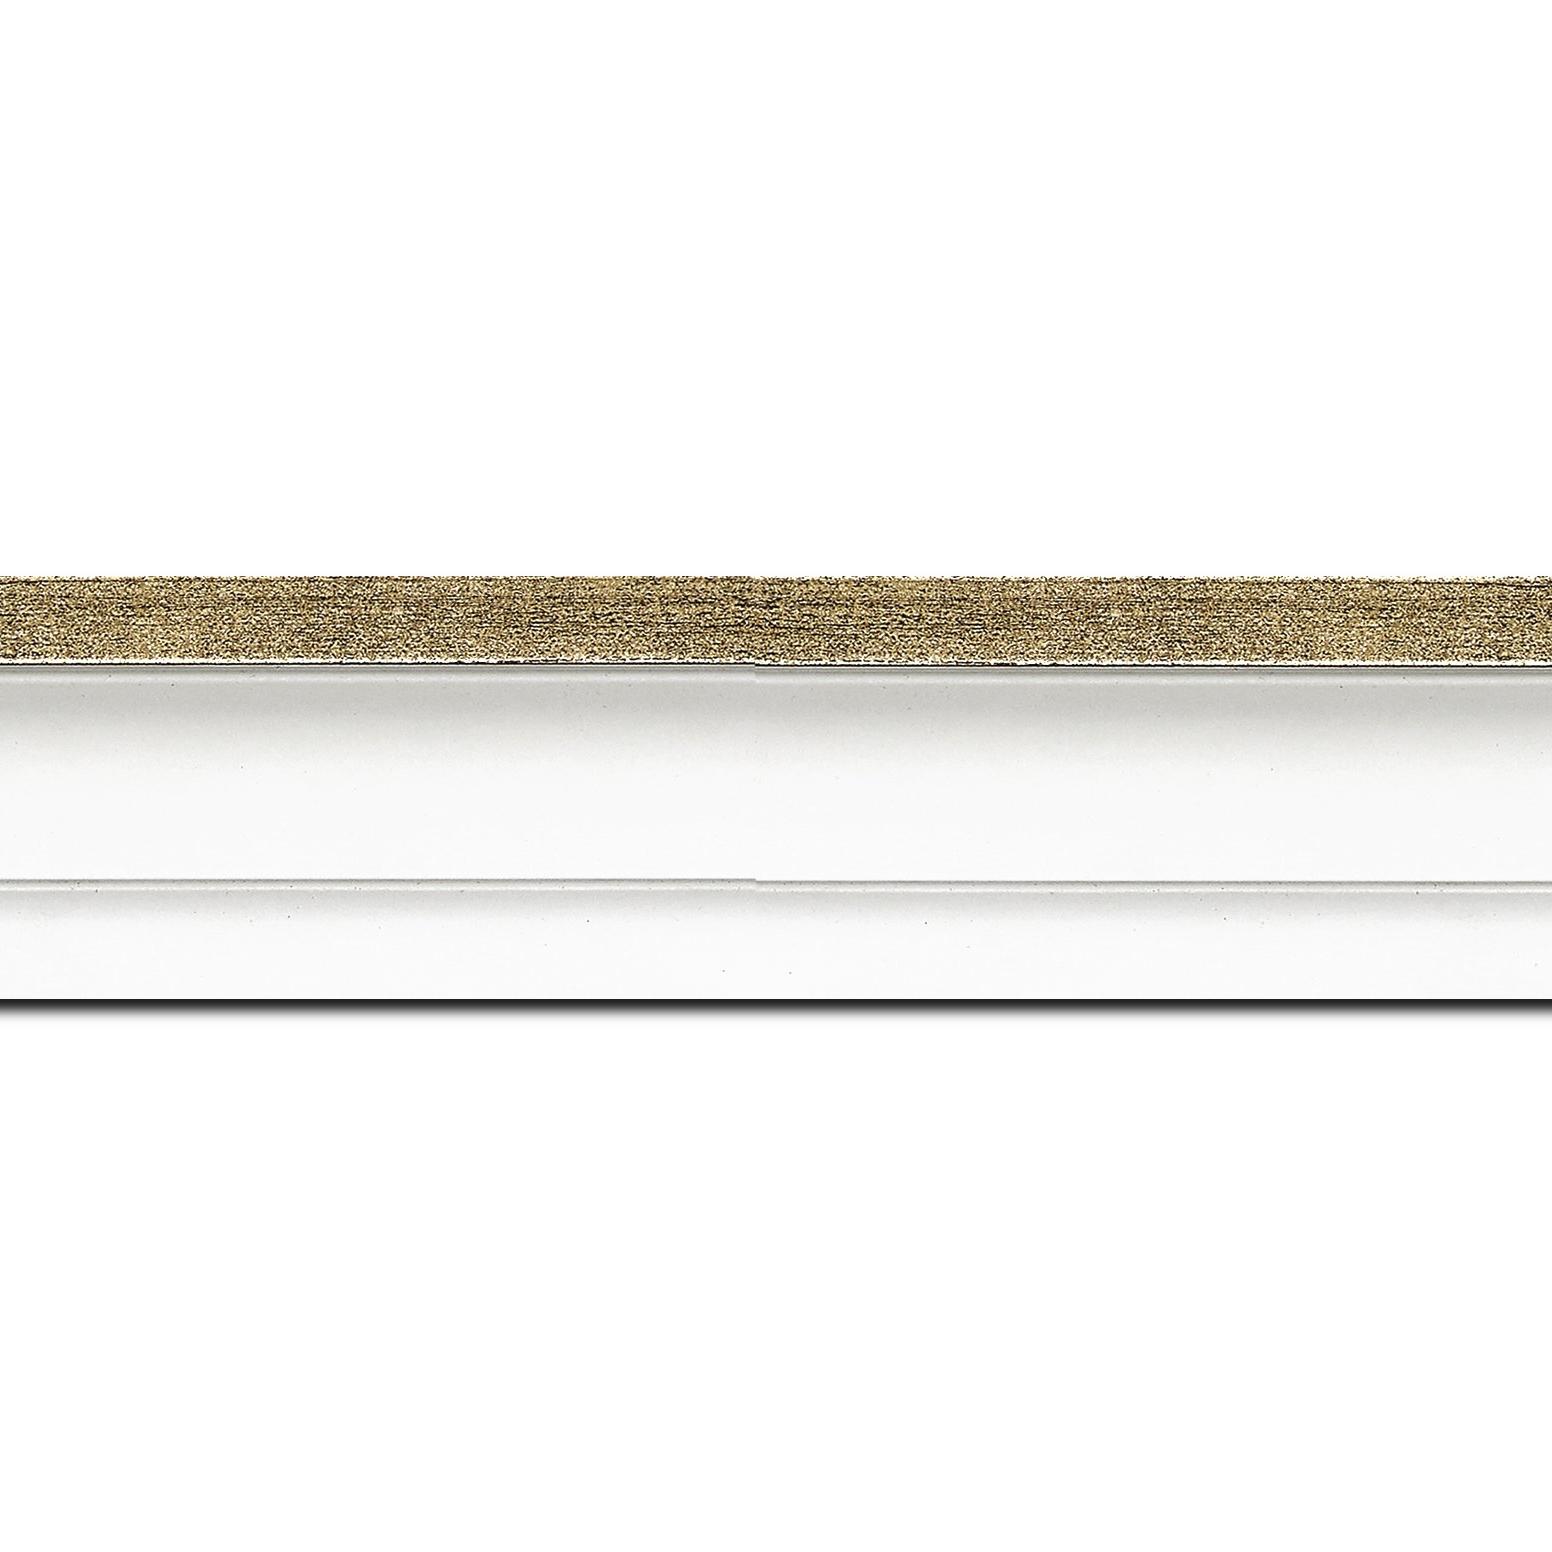 Pack par 12m, bois caisse américaine profil escalier largeur 4.4cm blanc mat filet or (spécialement conçu pour les châssis d'une épaisseur jusqu'à 2.5cm )(longueur baguette pouvant varier entre 2.40m et 3m selon arrivage des bois)